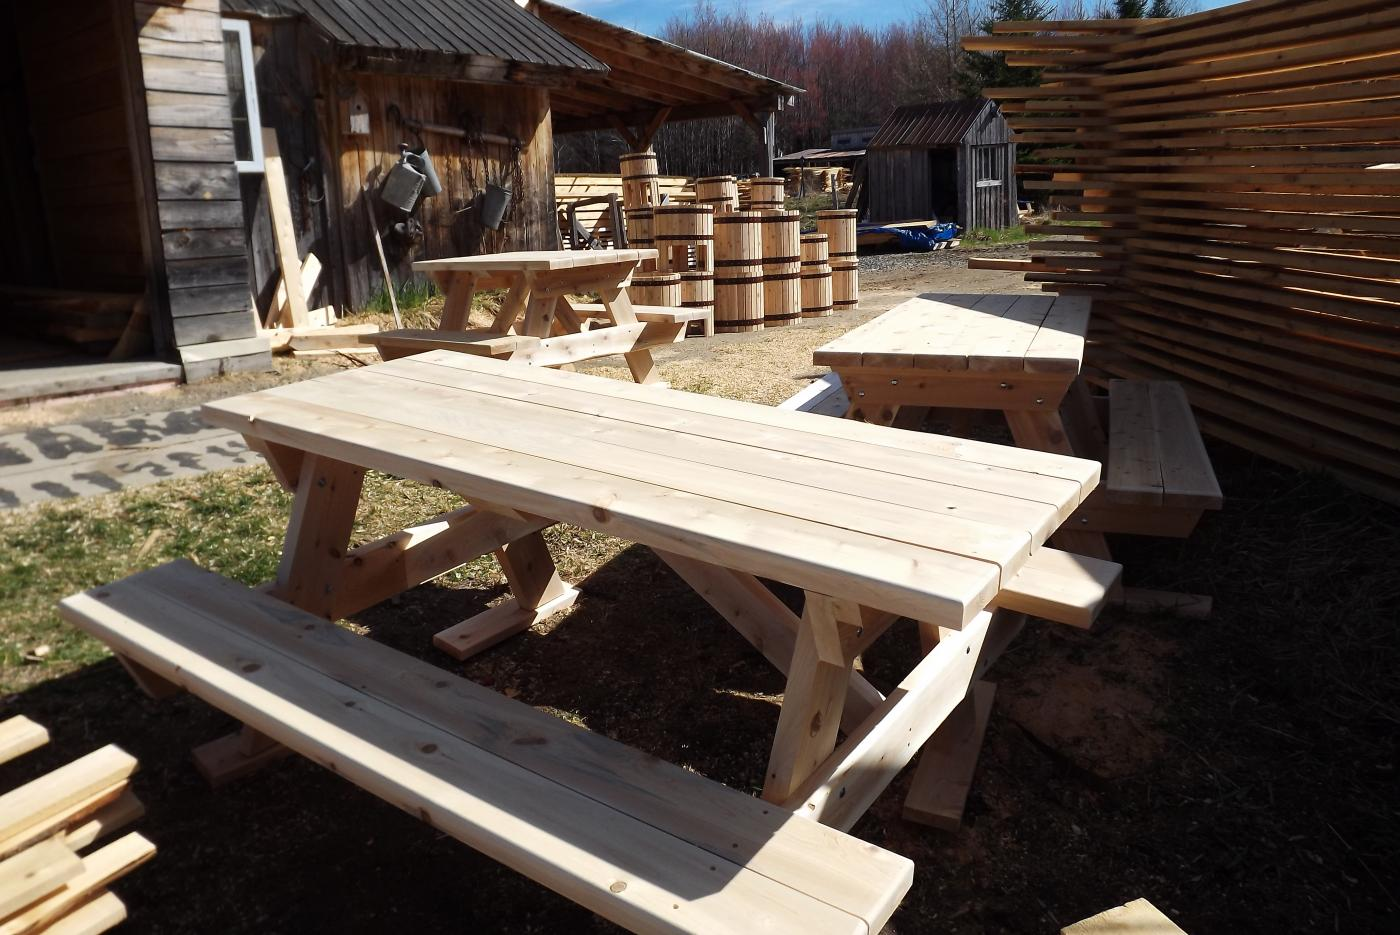 Table de picnic - Le petit moulin du 4 milles - Artisans du cèdre - Cédrières - Saunas - Les barils - Cantons de l'Est - Estrie